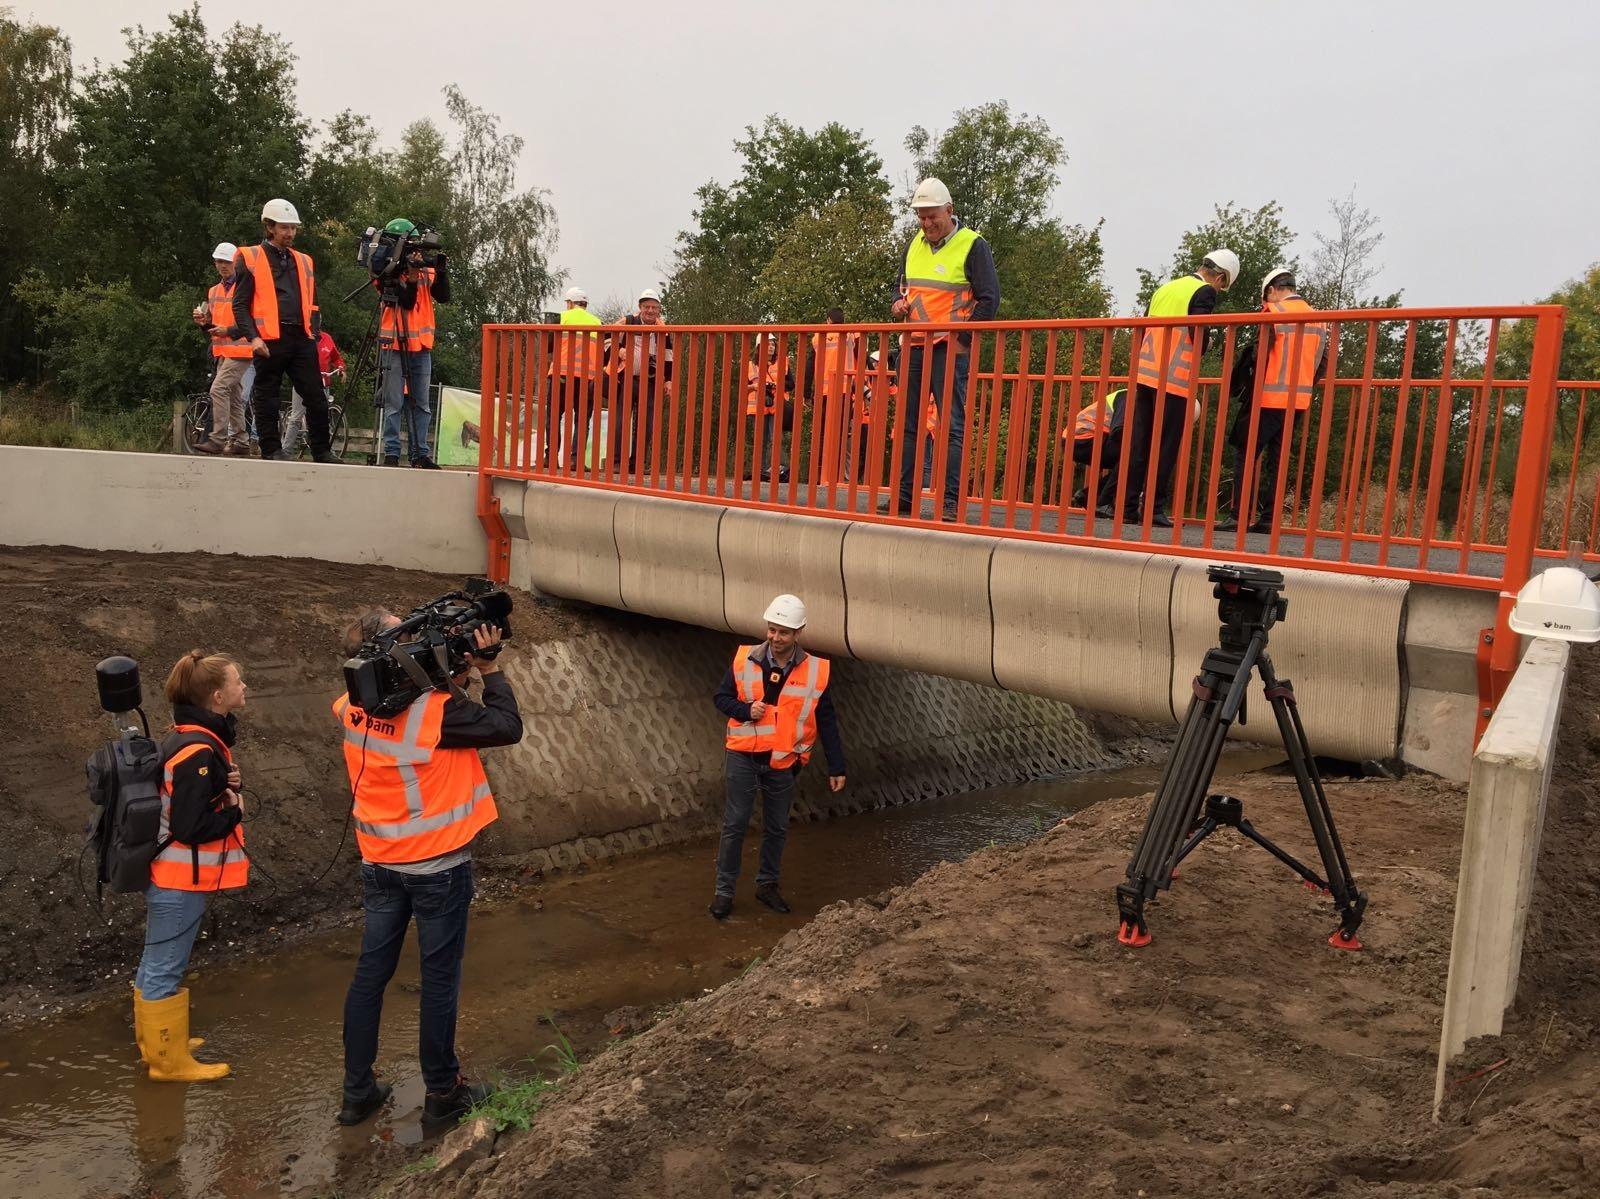 В Нидерландах открыли автомобильный мост, напечатанный на 3d-принтере 1